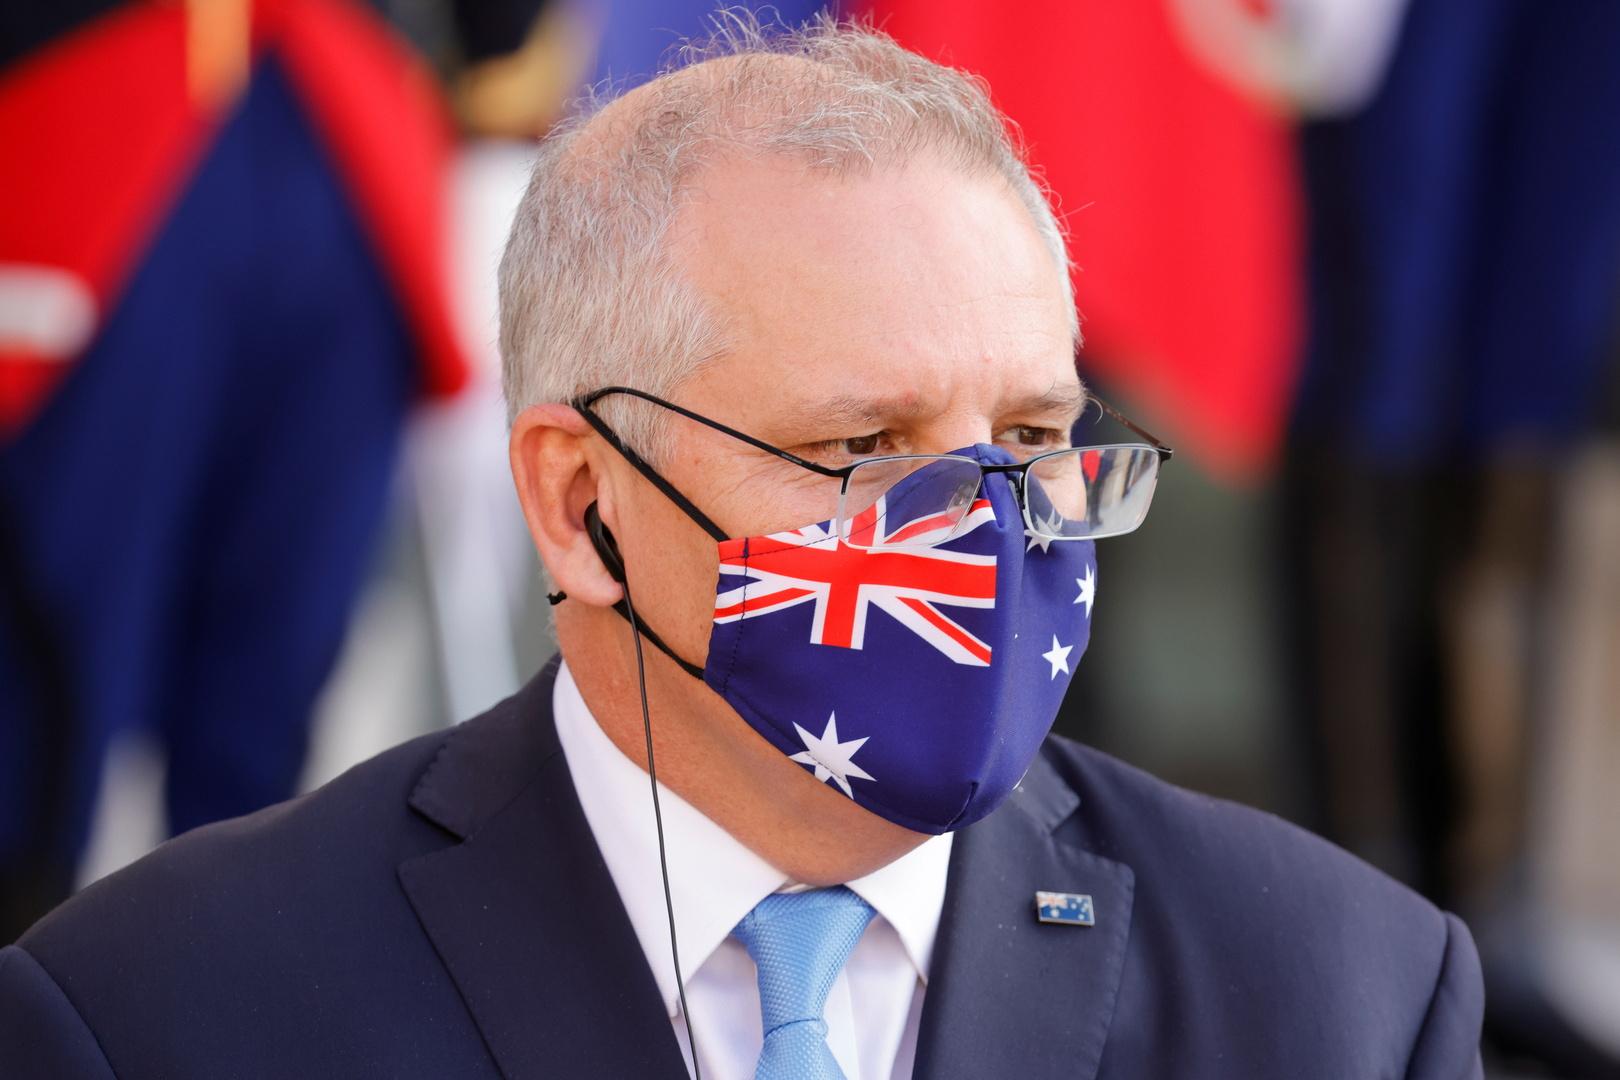 في محاولة لكبح انتشار كورونا.. أستراليا تخفض عدد الرحلات الجوية الدولية الوافدة